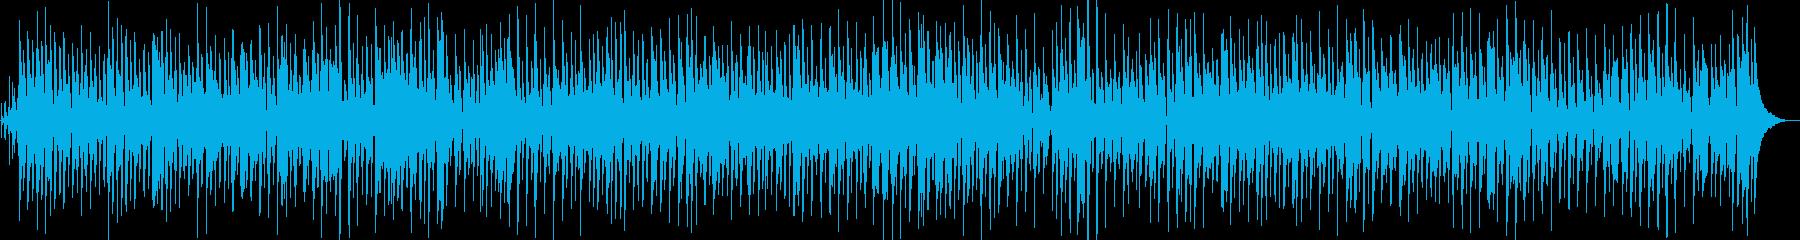 世界の魅力発見的ジャズBGMの再生済みの波形